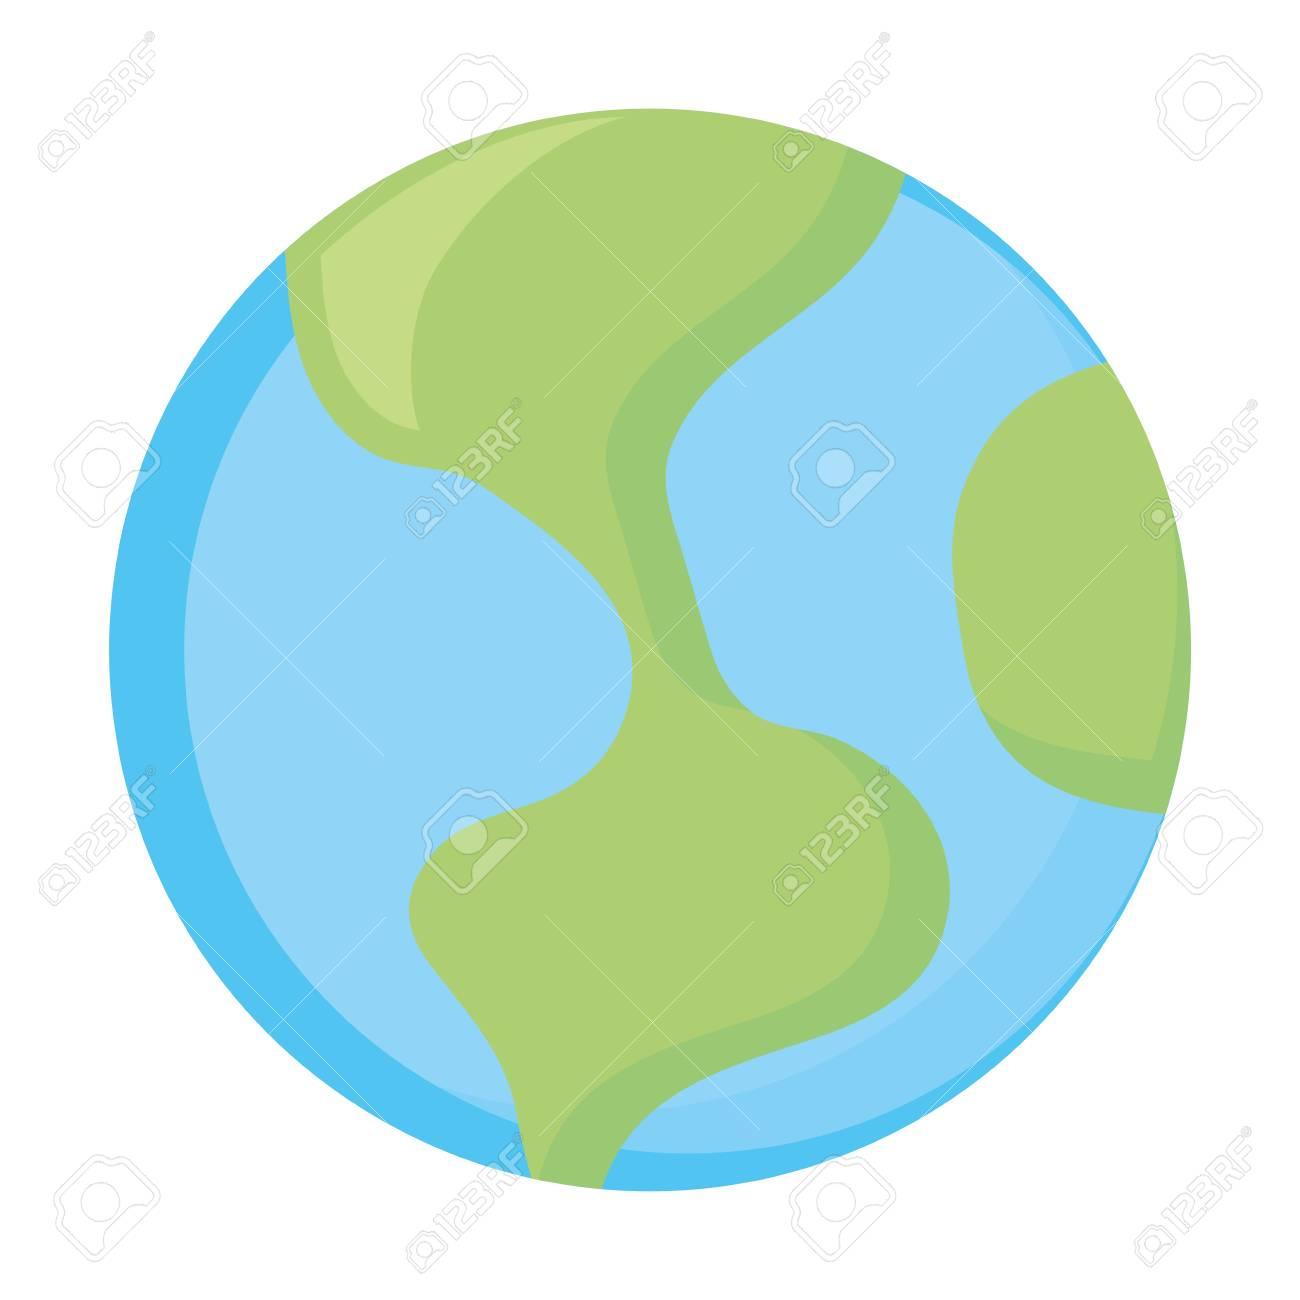 Icône Du Monde Terre Symbole Dessin Animé Vector Illustration Graphique intérieur Image De La Terre Dessin